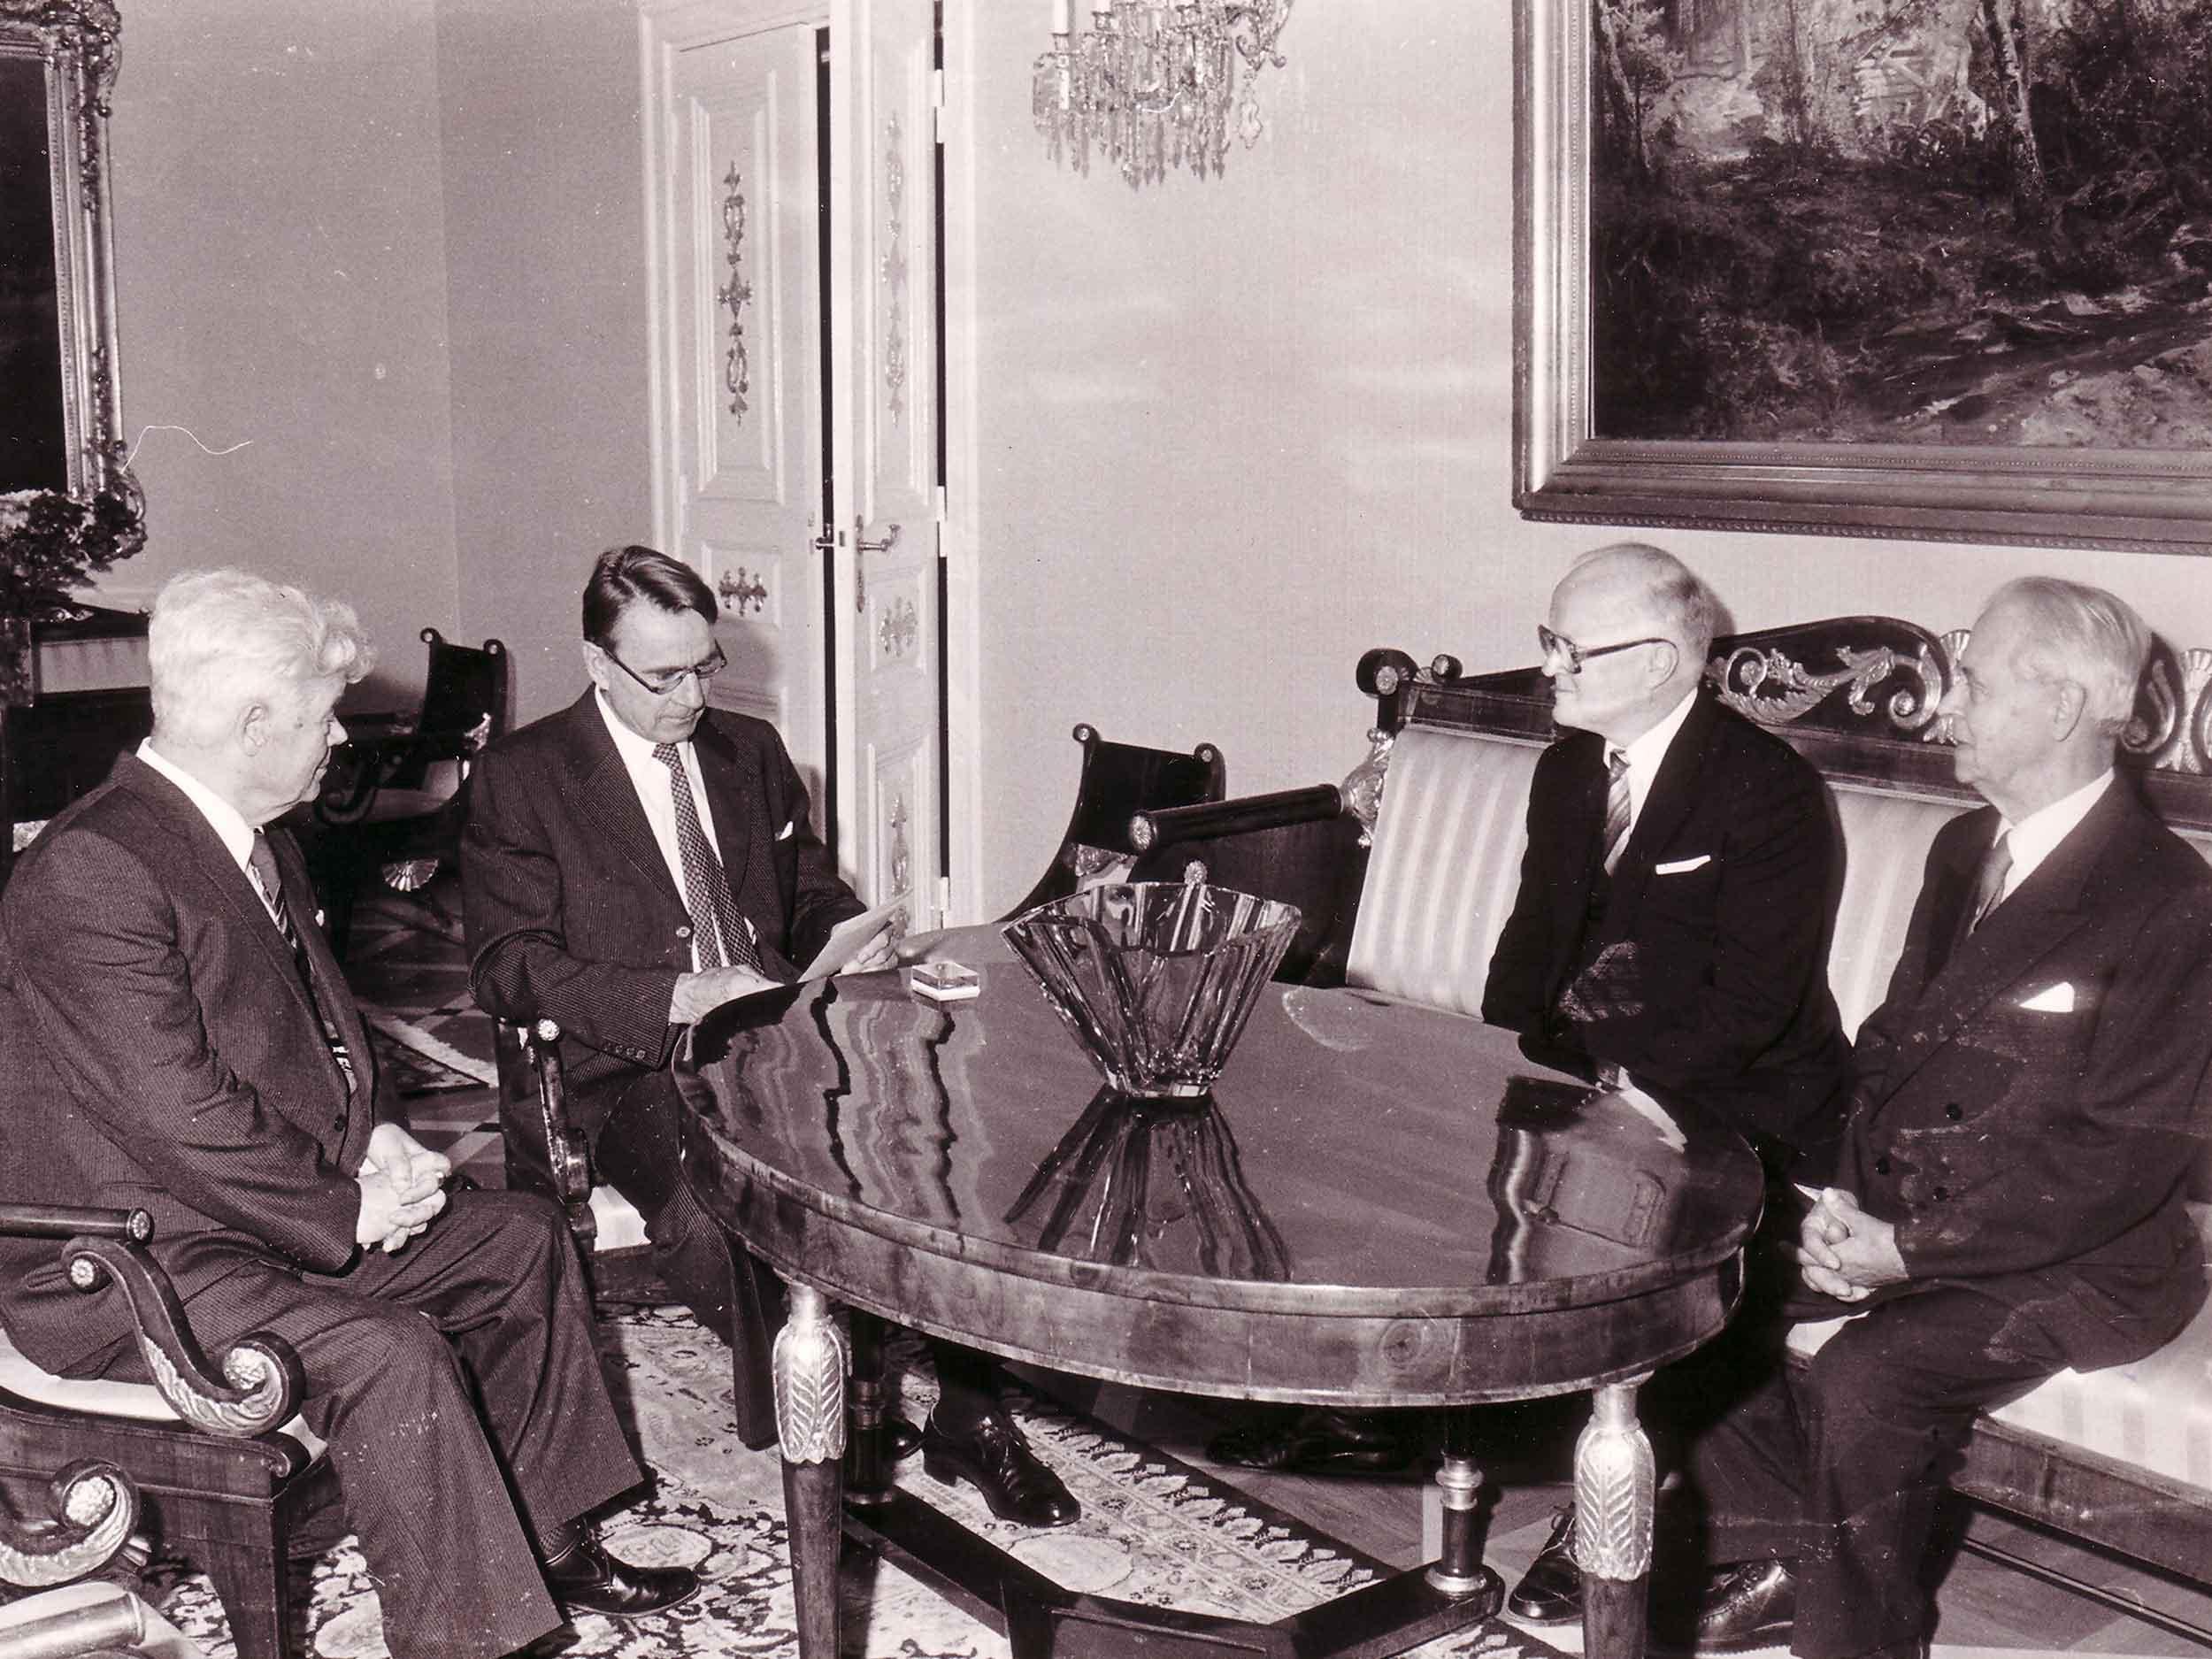 Turkuseuran lähetystö presidentin vastaanotolla vuonna 1982 tuomisinaan uunituore Kaksitoista pakkalaista -kirja. Mauno Koivisto on seuran kunniajäsen.